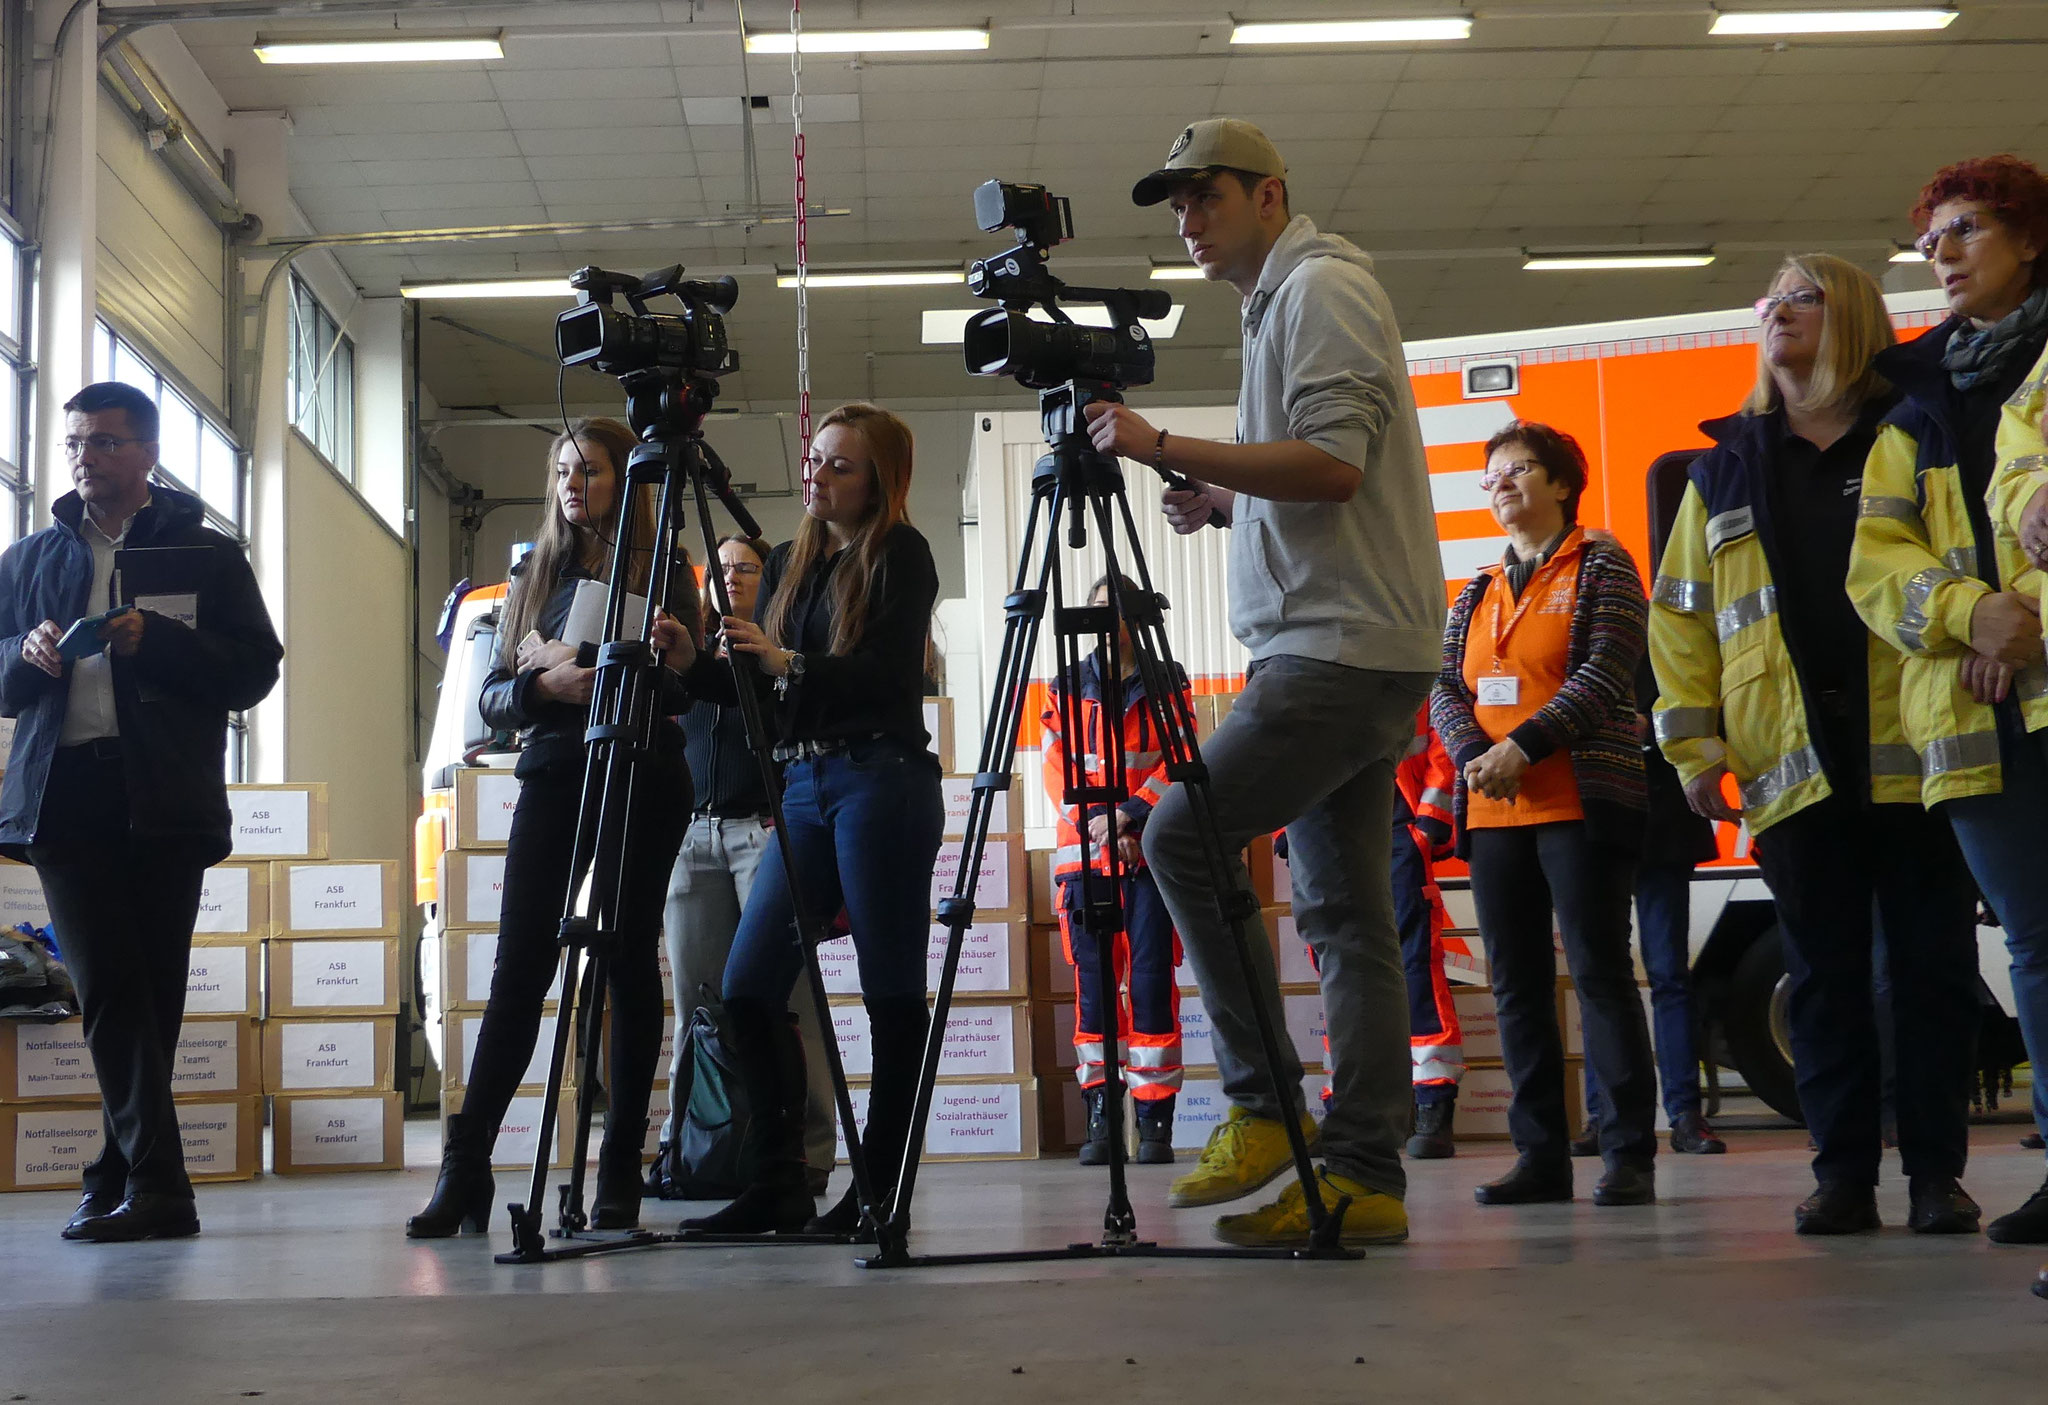 Wir freuen uns, dass wieder Fernsehteams an der Übergabe der 2.700 Rettungsteddys dabei sein konnten.